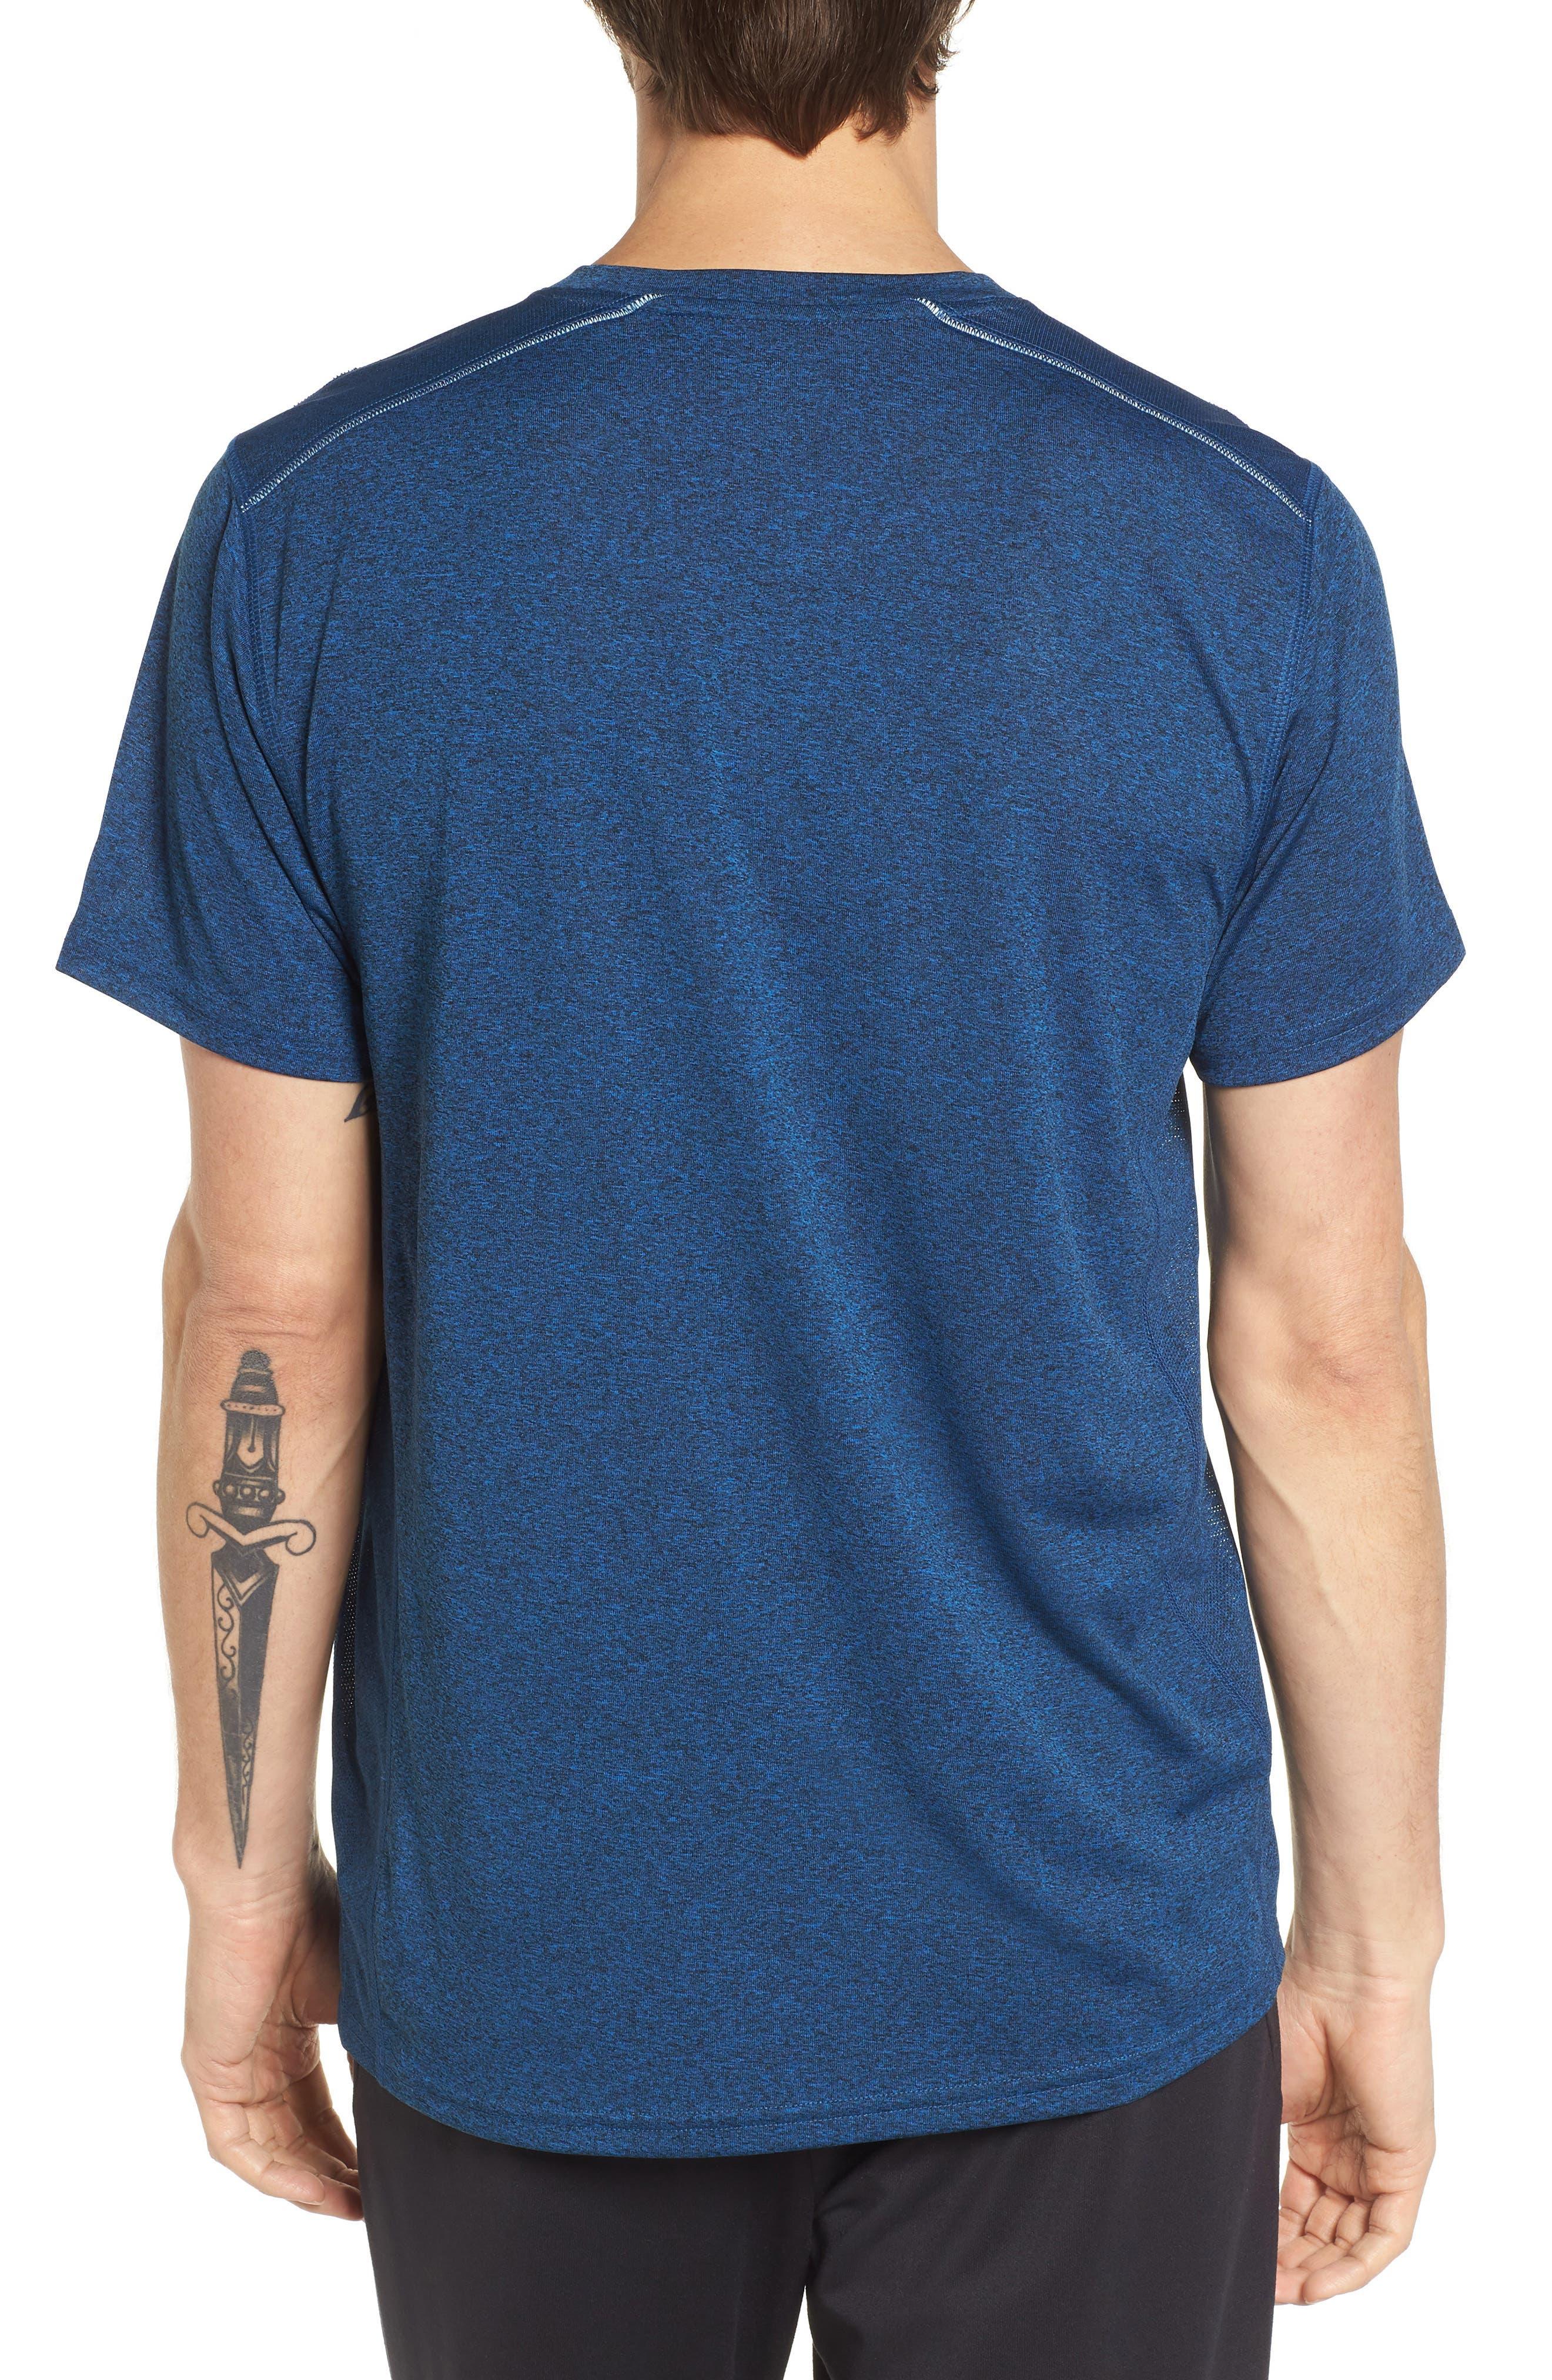 Goodsport Mesh Panel T-Shirt,                             Alternate thumbnail 2, color,                             LAPIS BLUE/ BLACK HEATHER